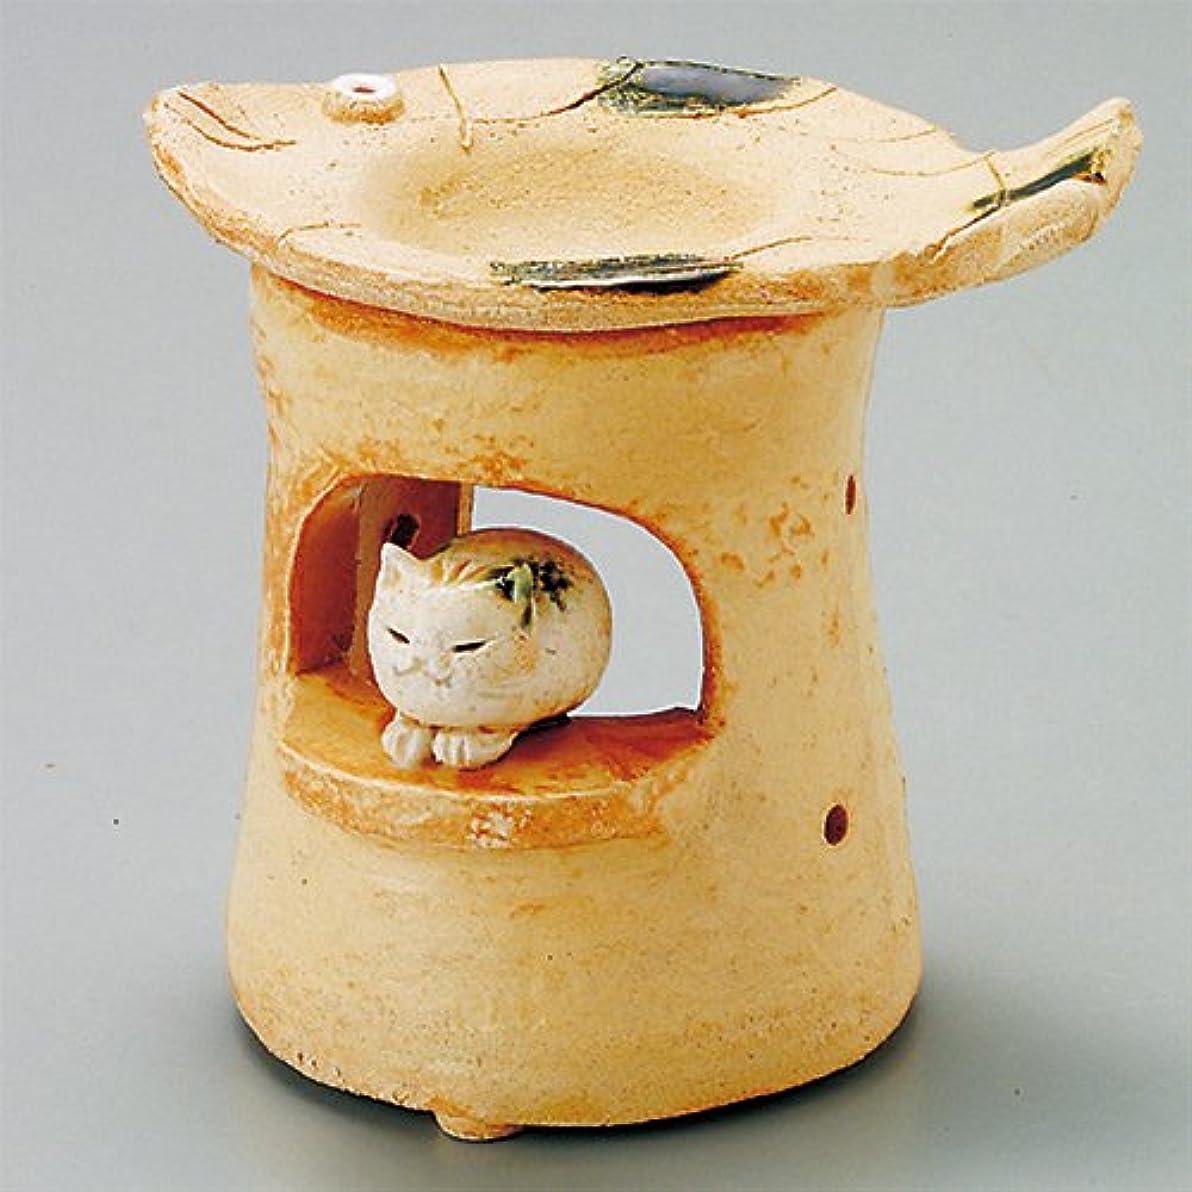 ビットアレイフェッチ島ねこ 島ねこ 茶香炉 [12x8.5xH11.5cm] HANDMADE プレゼント ギフト 和食器 かわいい インテリア